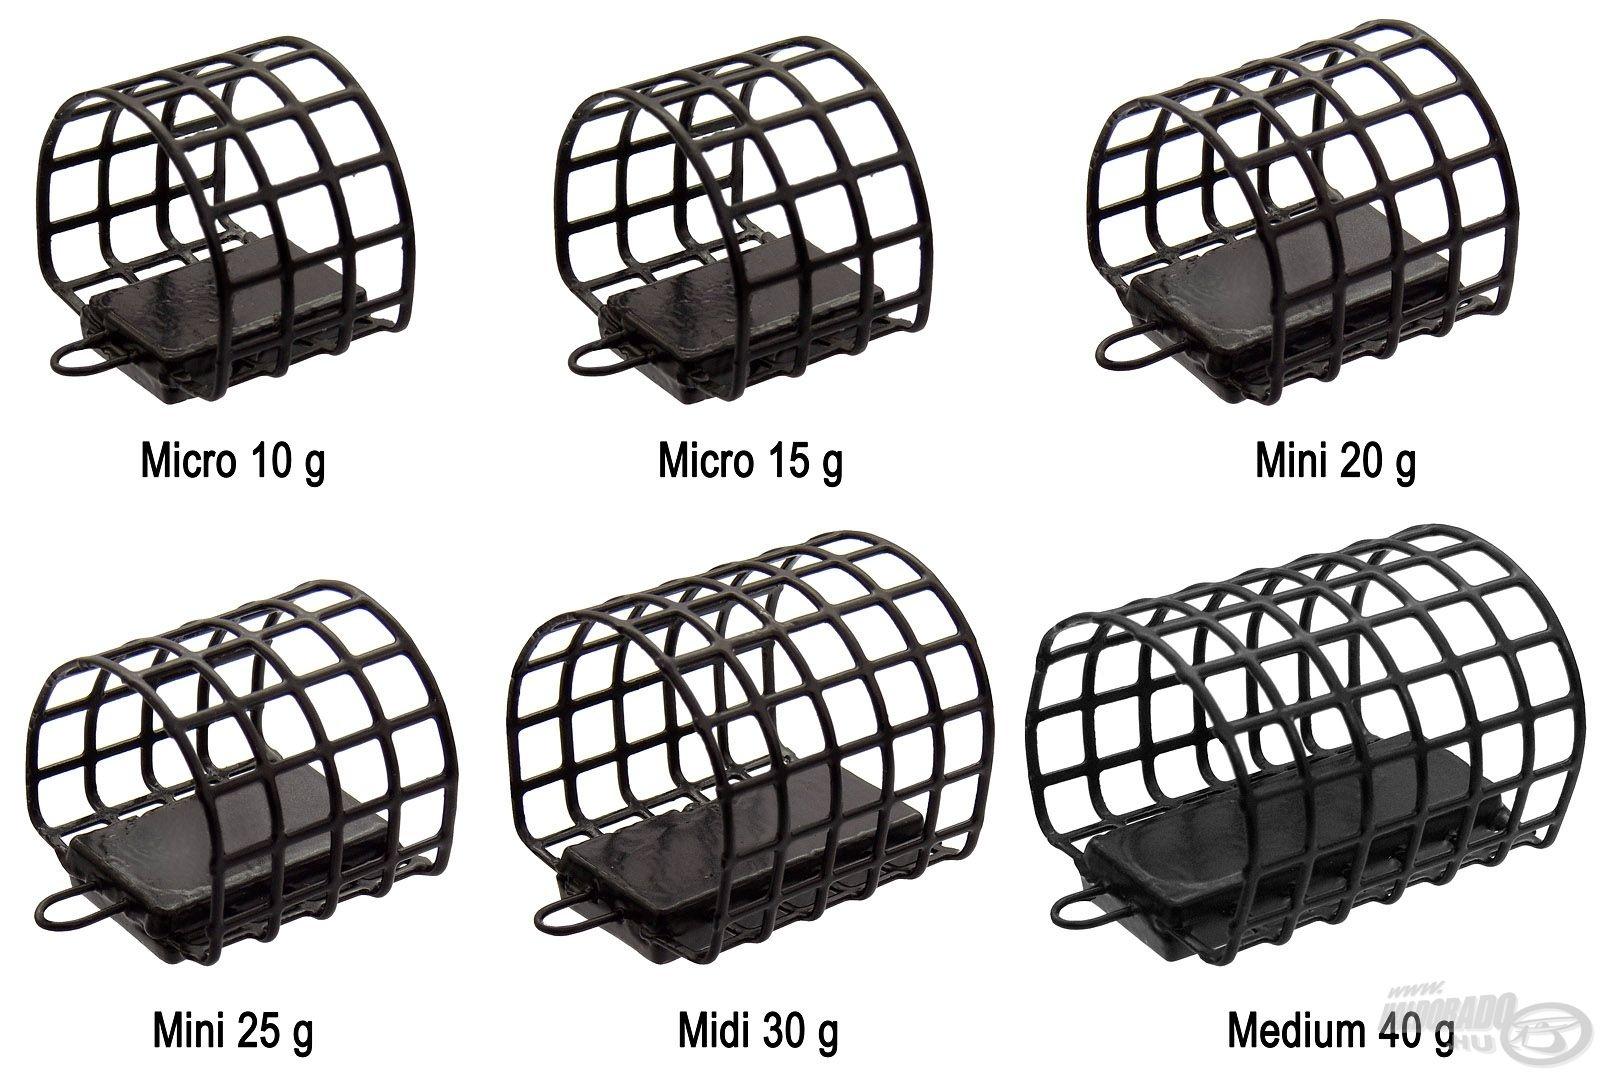 3x12 Micro Feeder 10 g